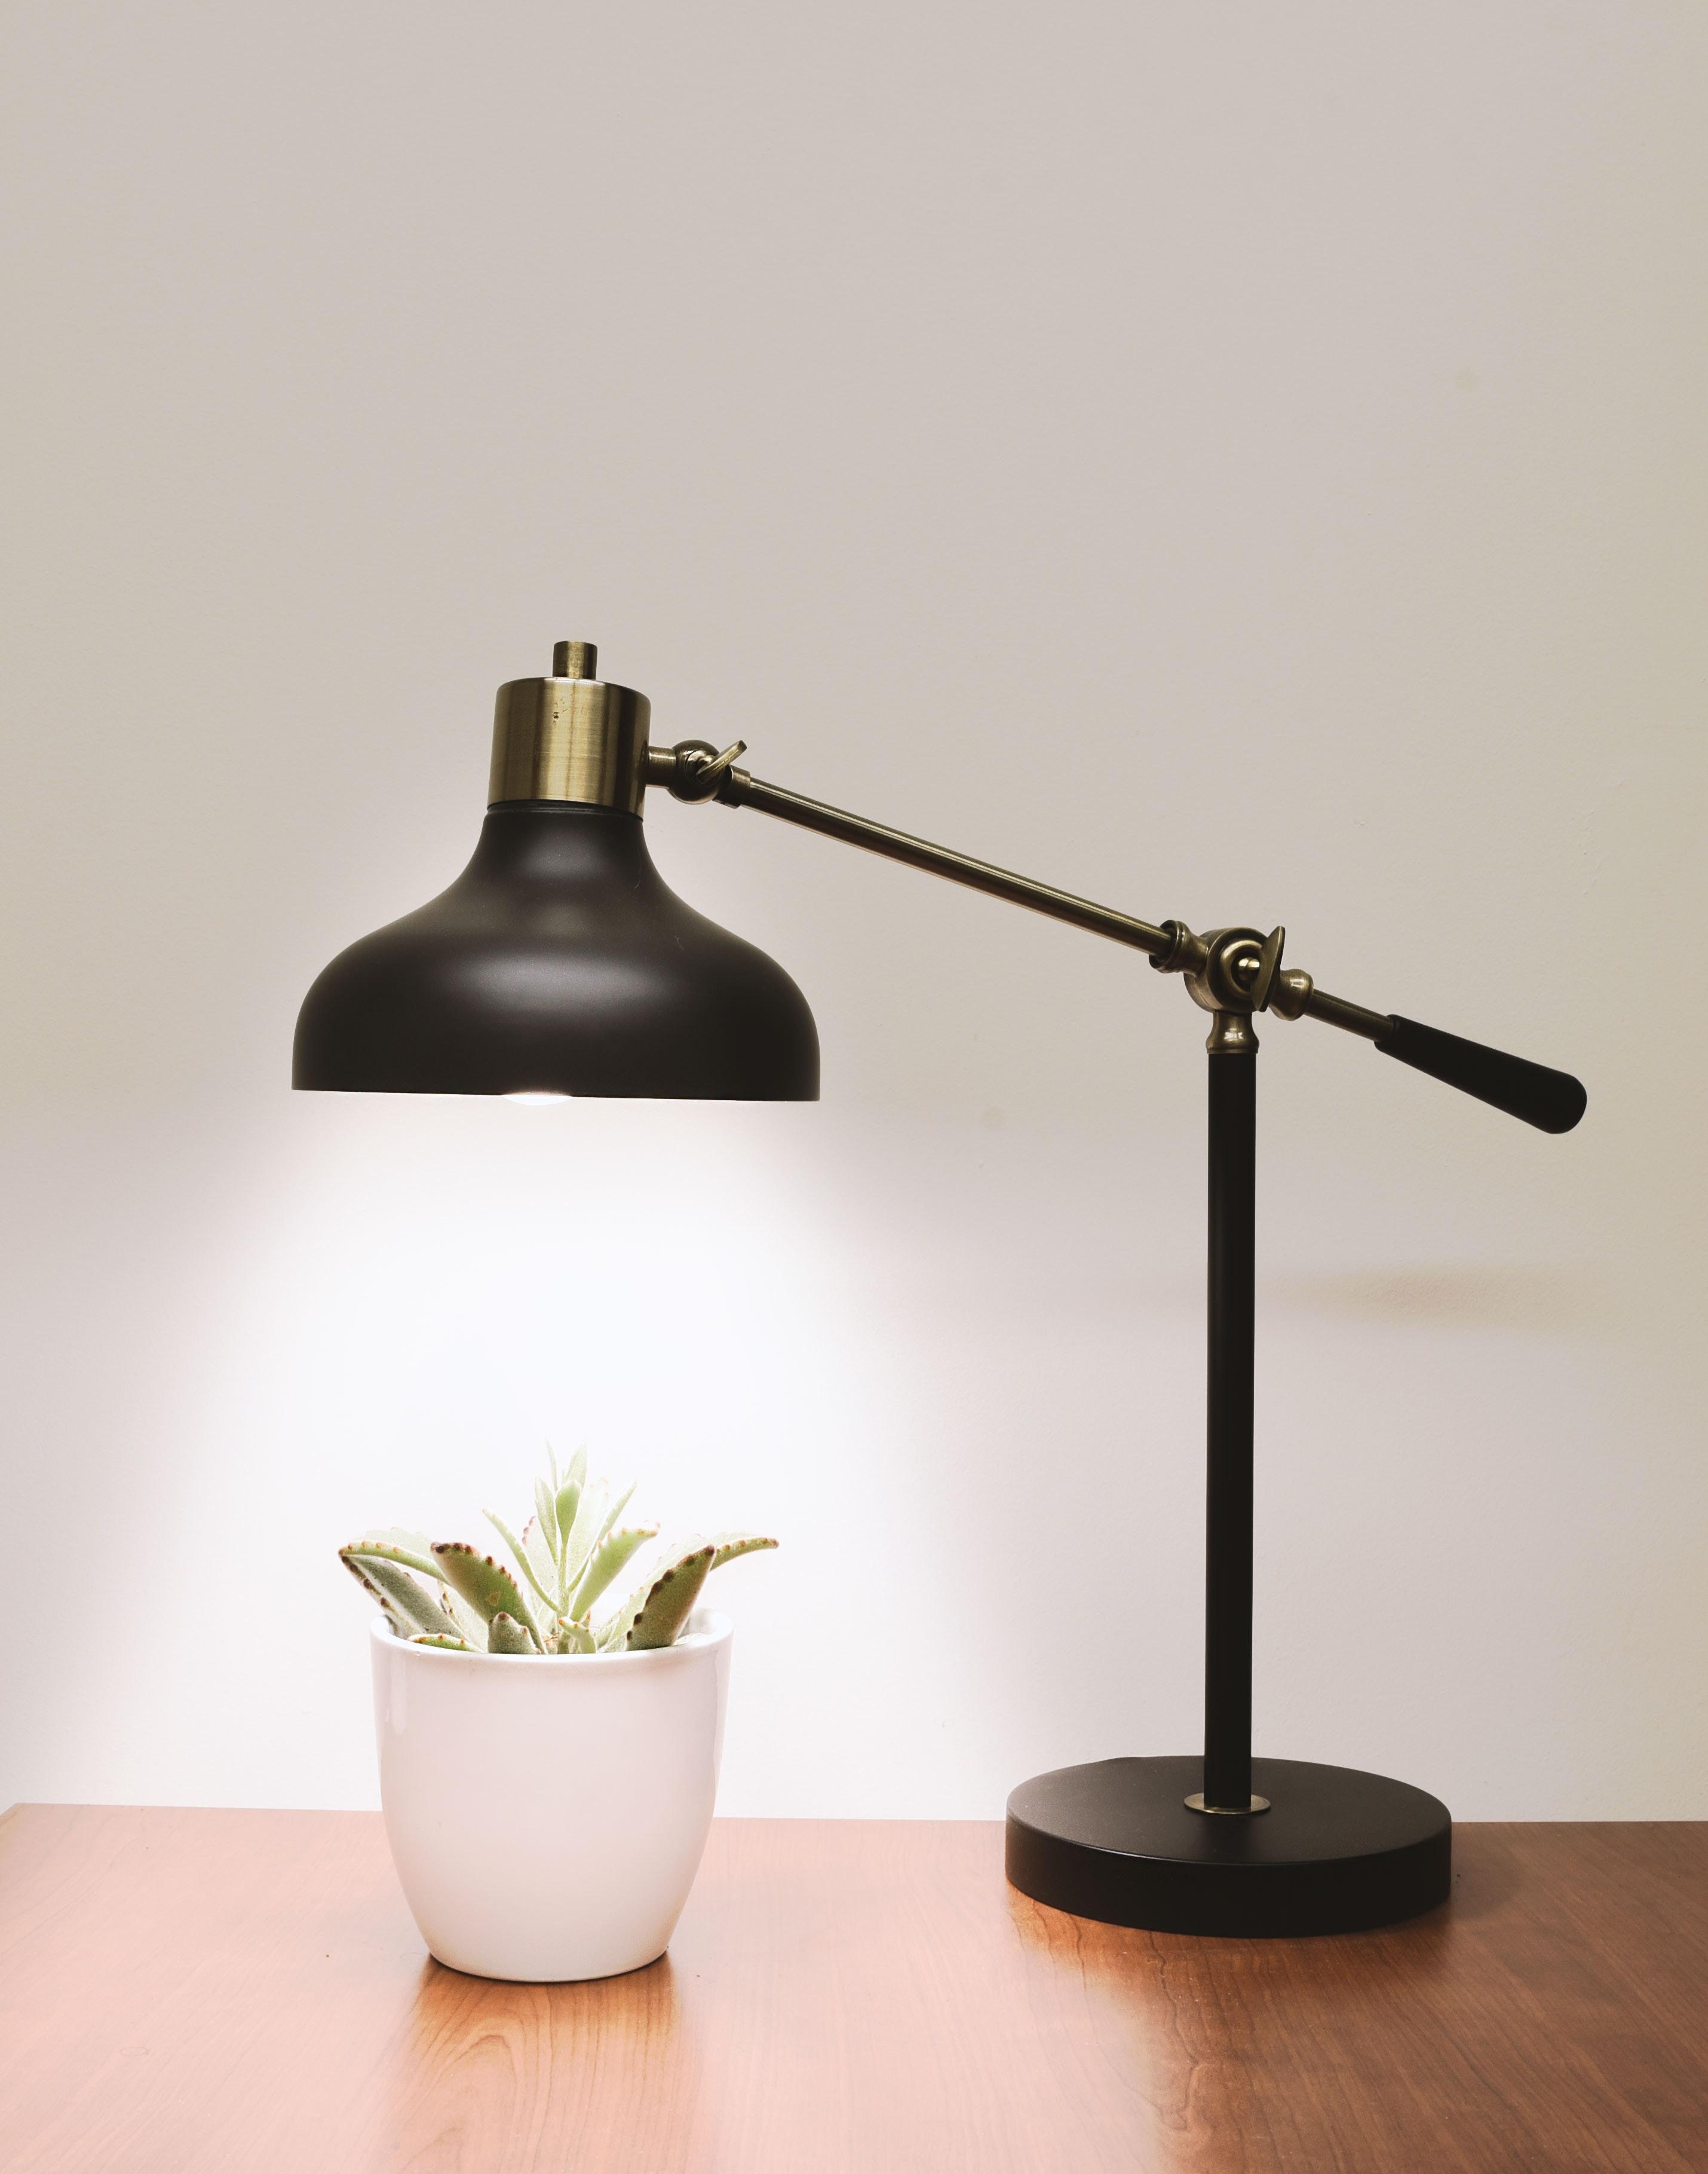 Лампа за бюро, която да им осигурява допълнителна светлина, когато работят вечер.